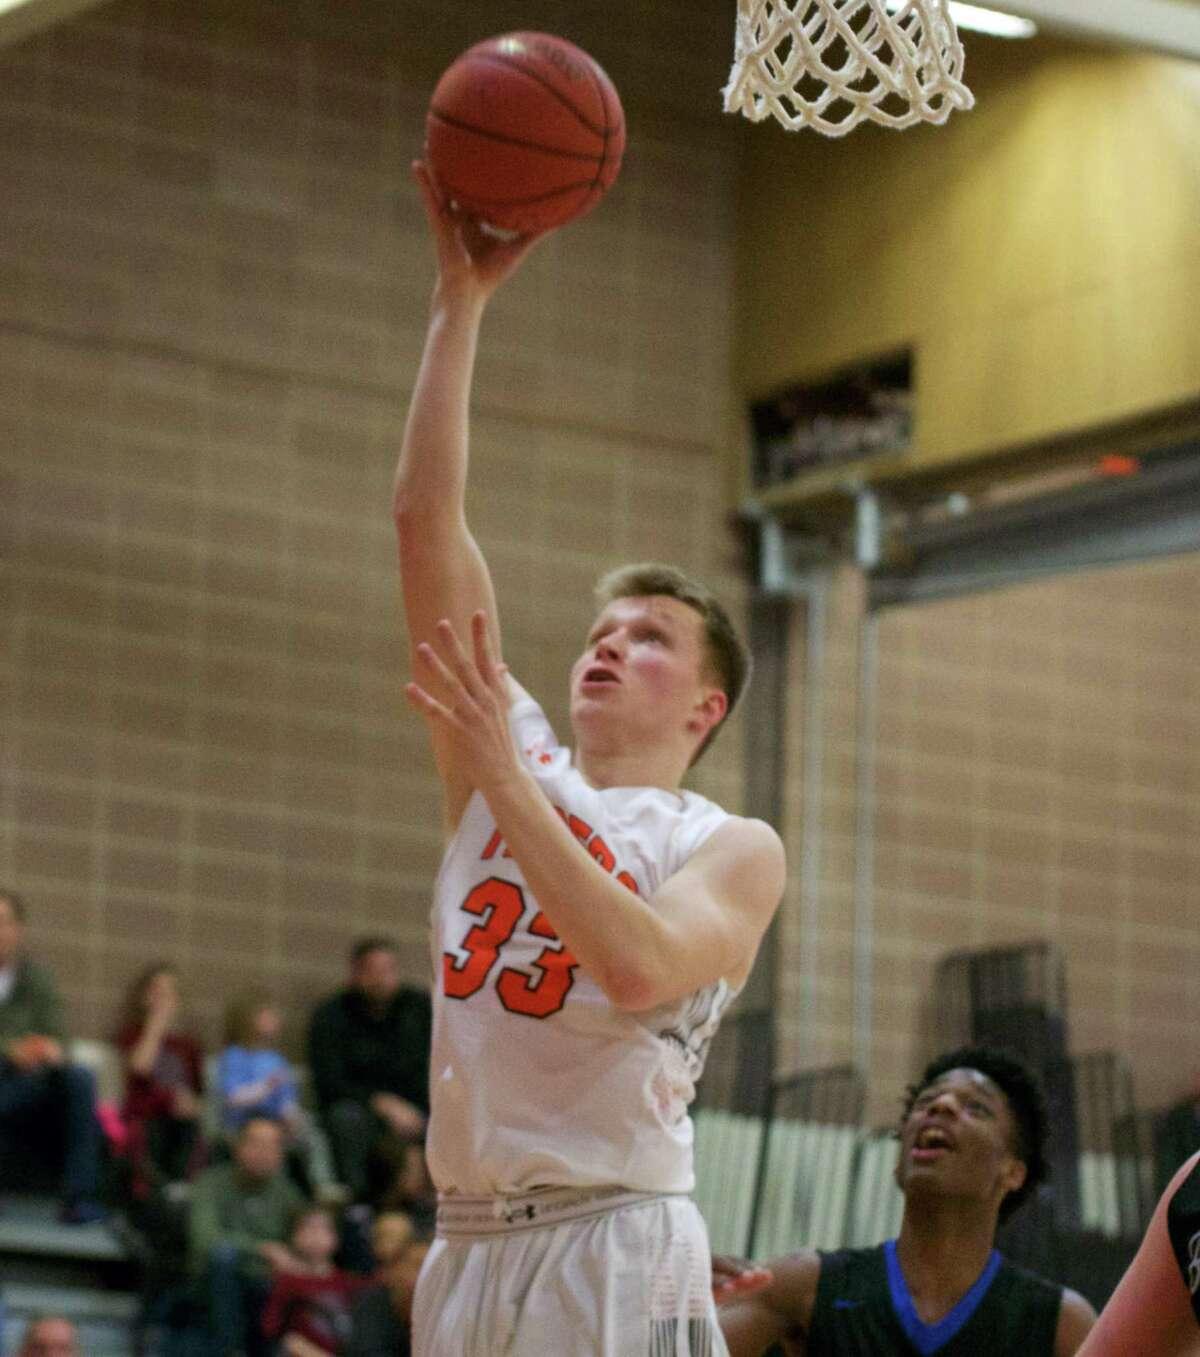 Derek Szpakowski gets open for a shot during a recent Ridgefield boys basketball game.